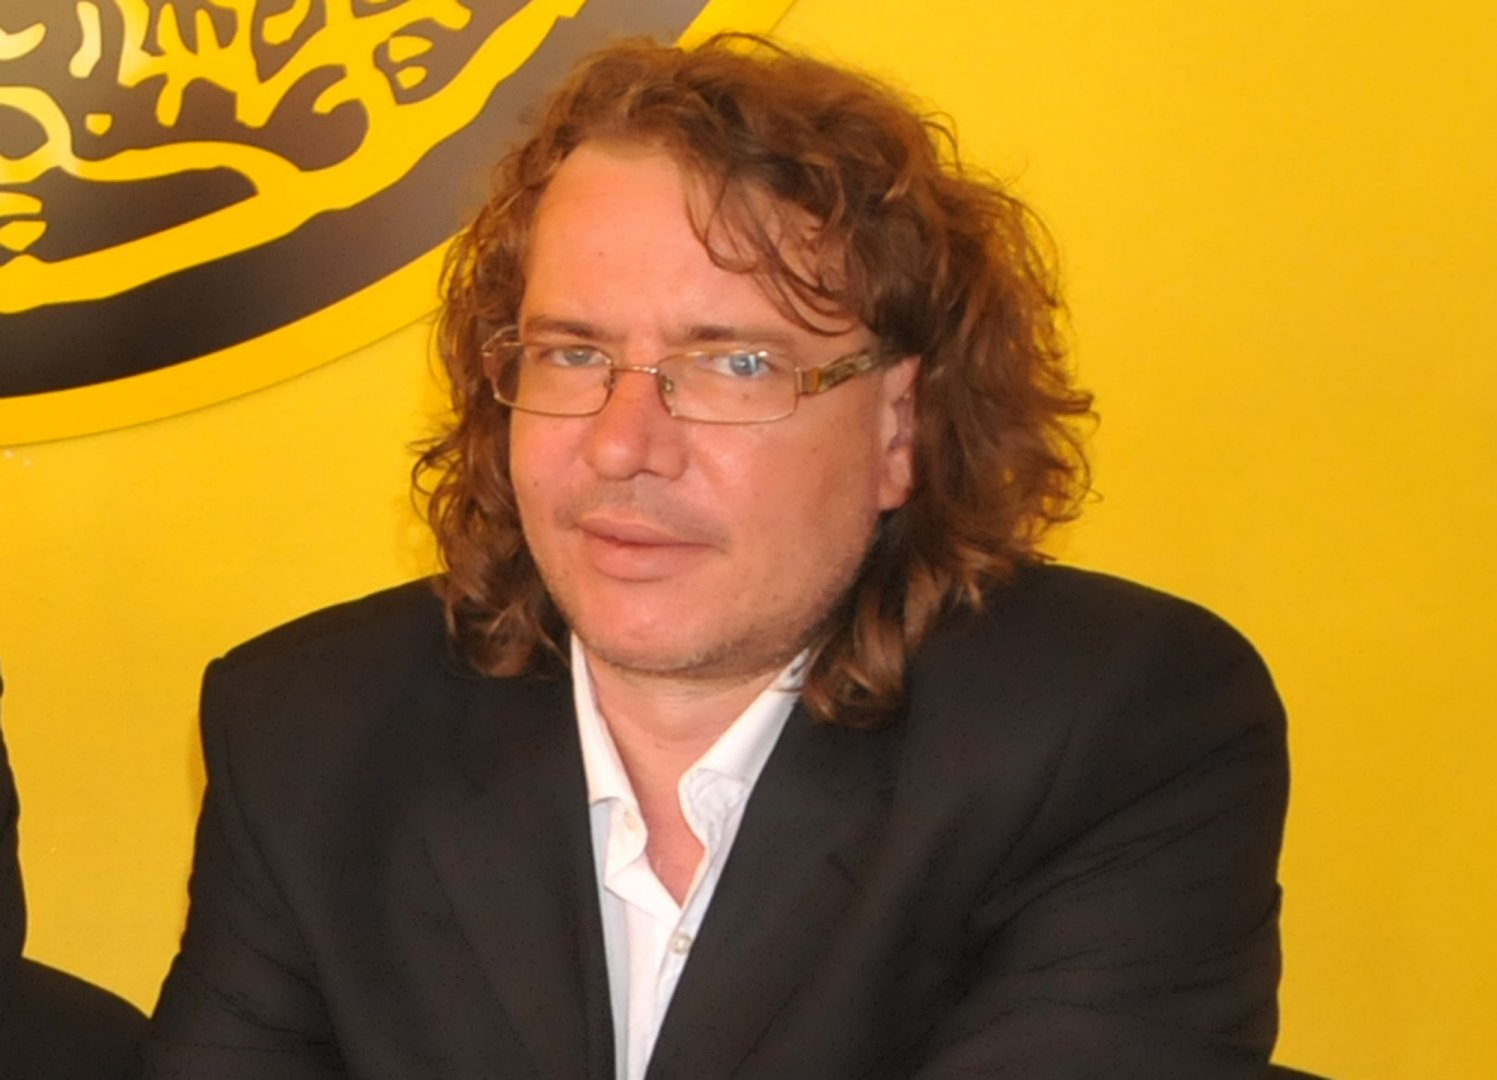 Георги Маринчев е кандидат за общински съветник от листата на ГЕРБ. Снимка Лина Главинова